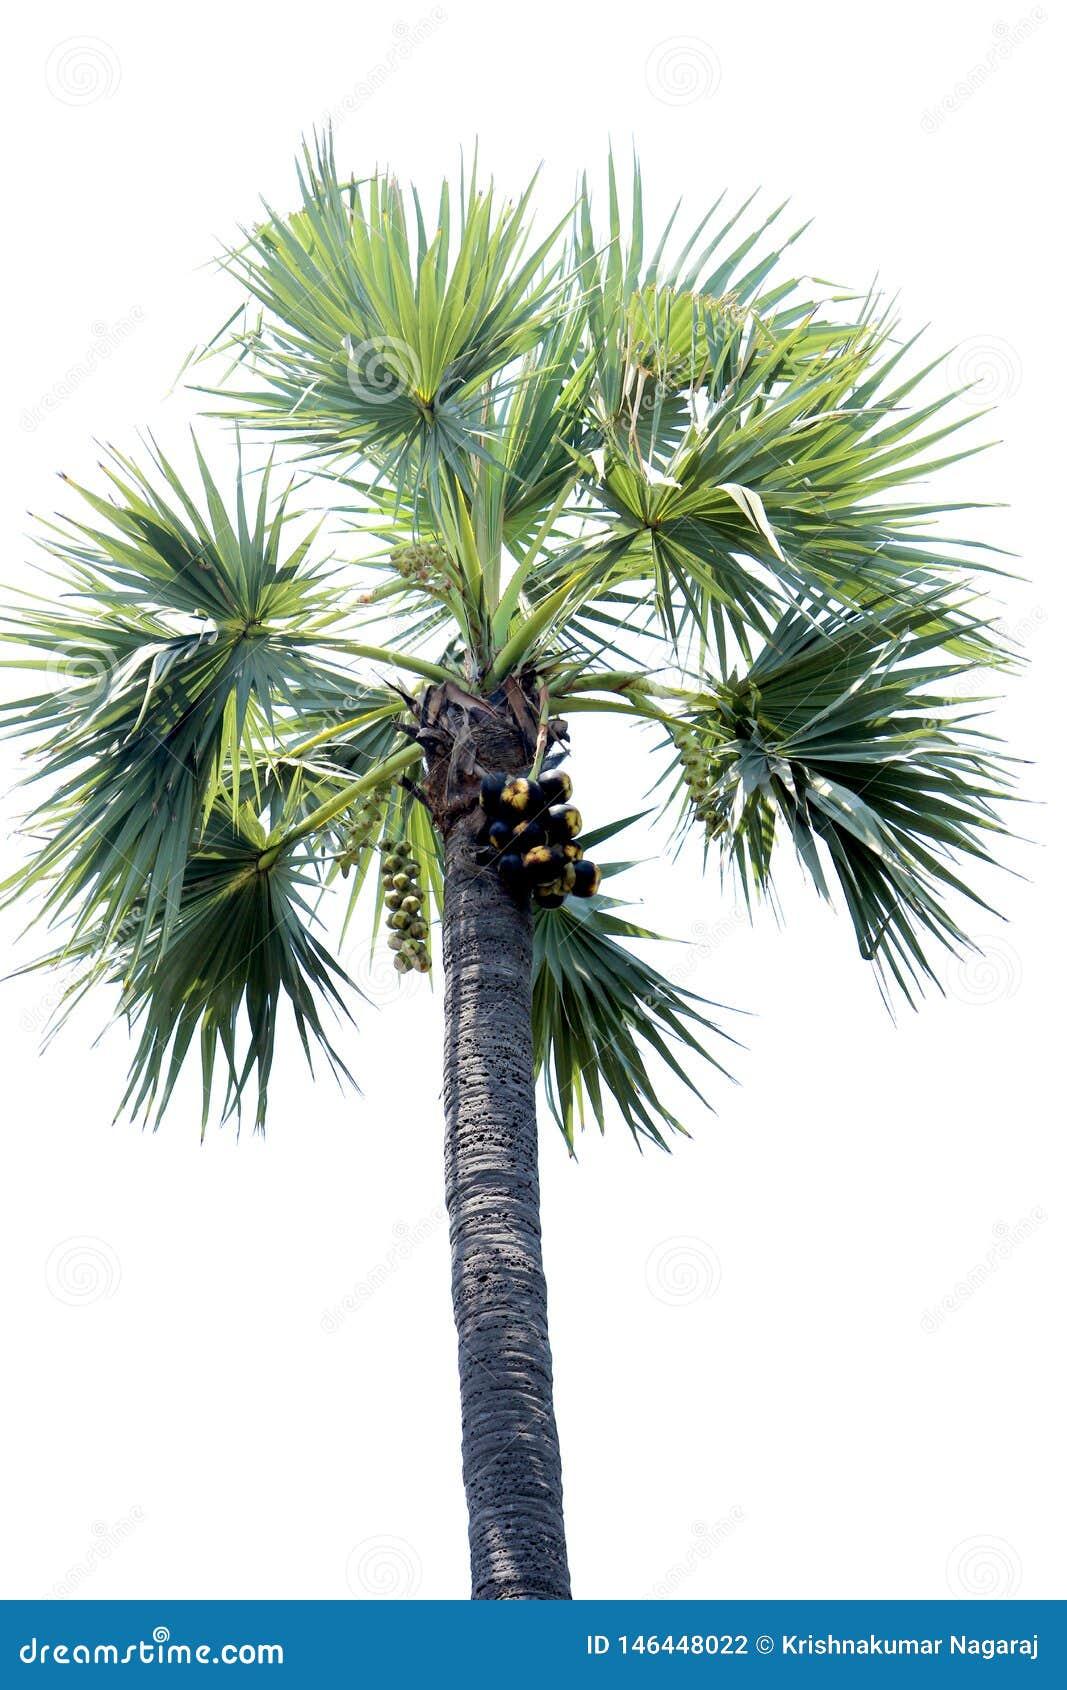 亚洲扇叶树头榈树